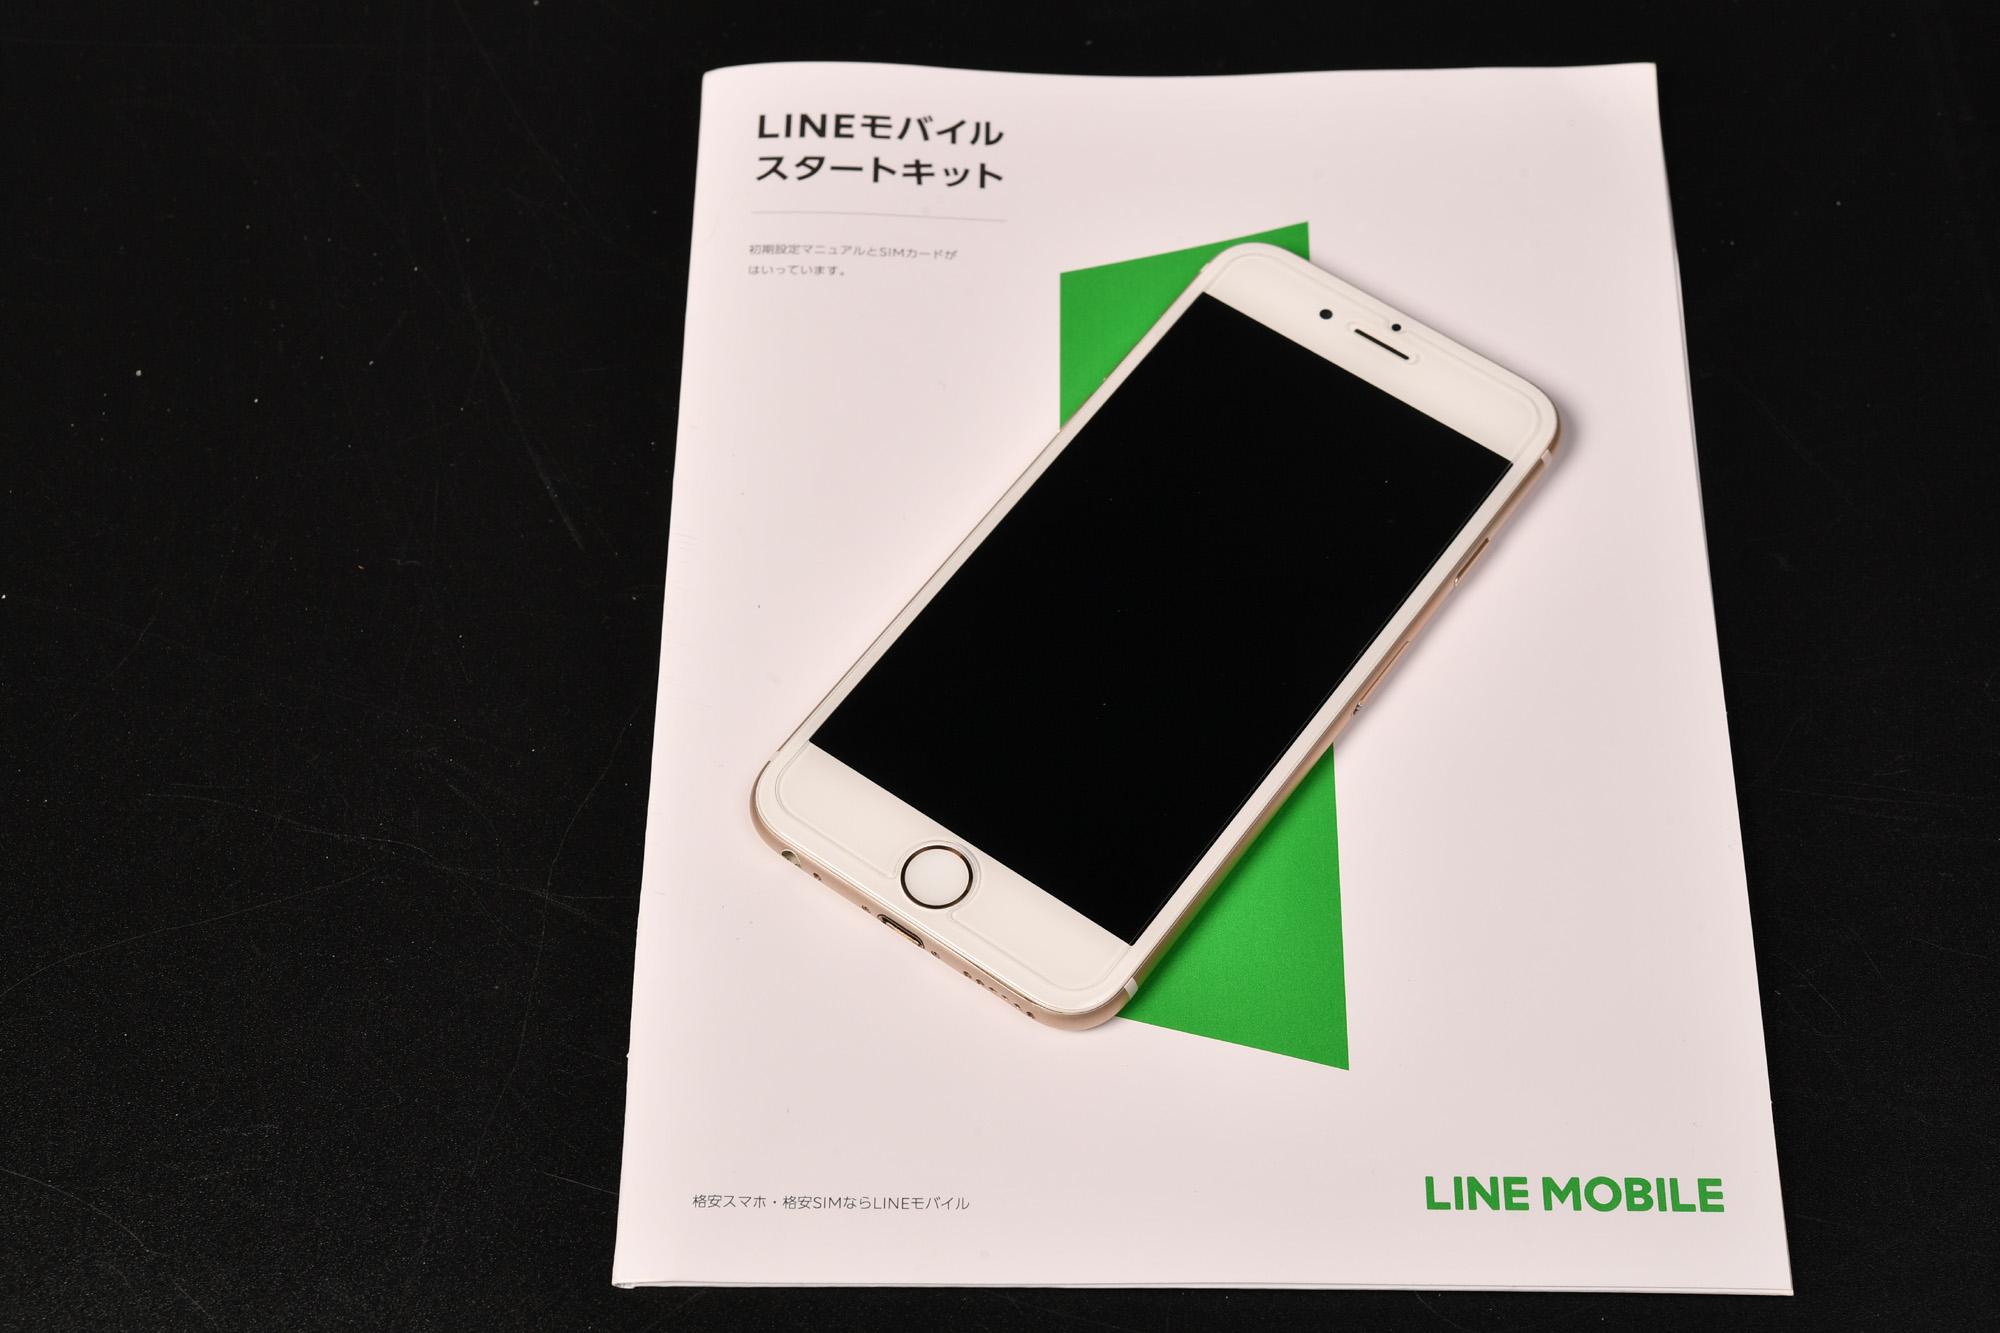 今更LINEMOBILE契約の変更しました。スマホ 格安SIM LINEMOかLINEMOBILEか